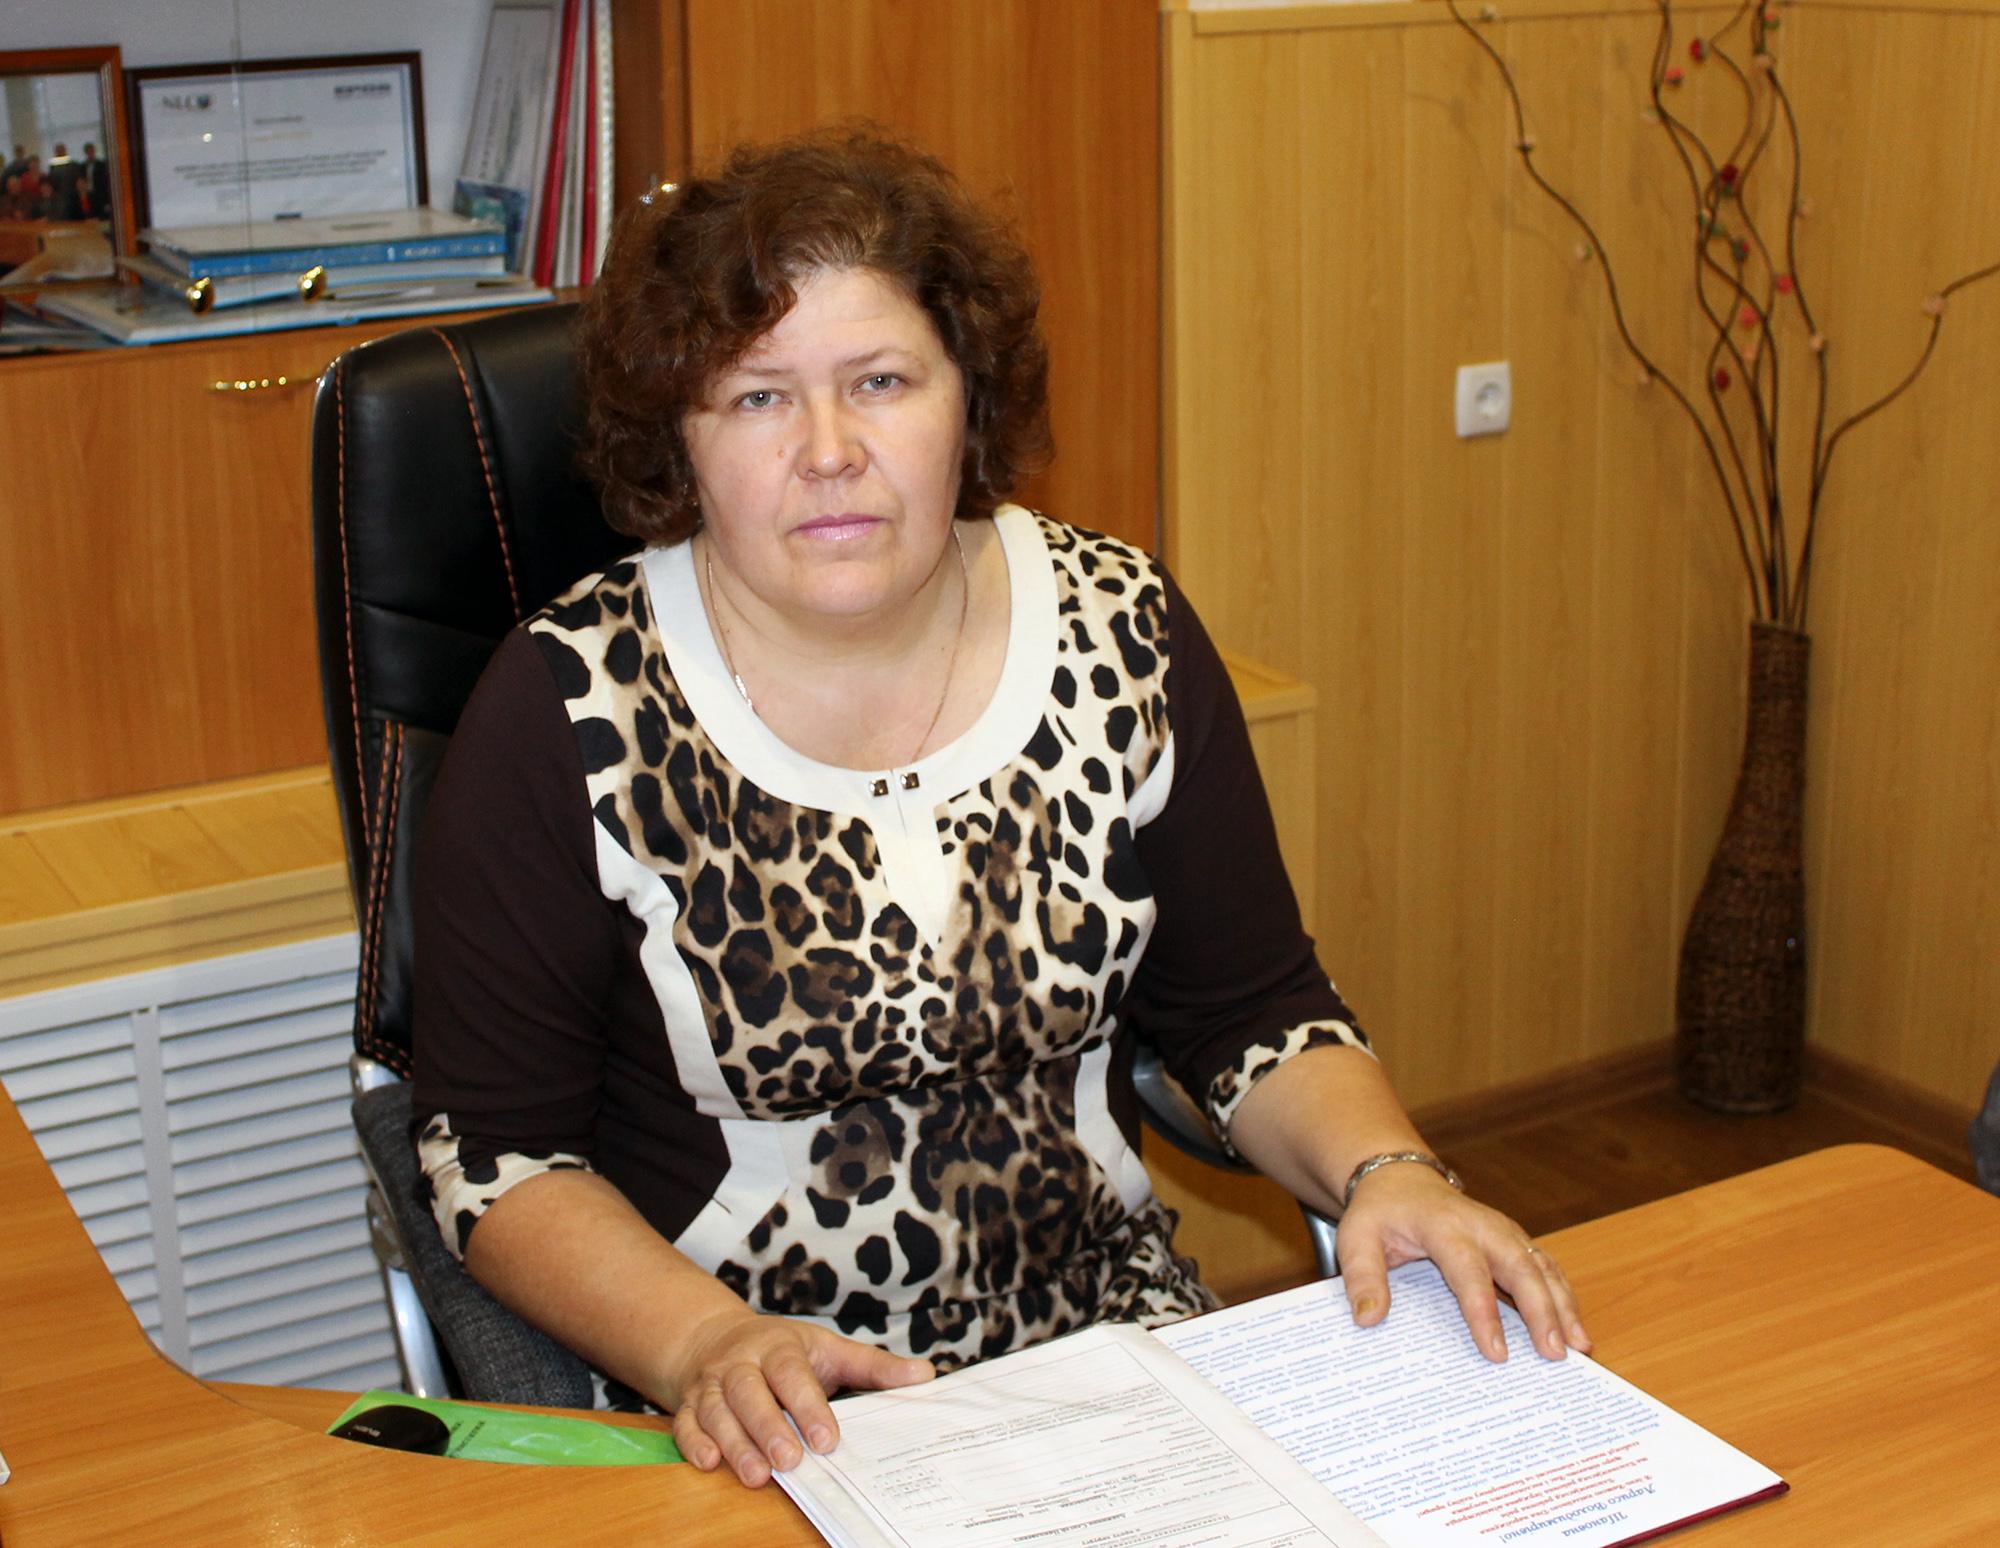 Полікова Лариса Володимирівна, генеральний директор комунального підприємства «Близнюківська центральна районна лікарня»